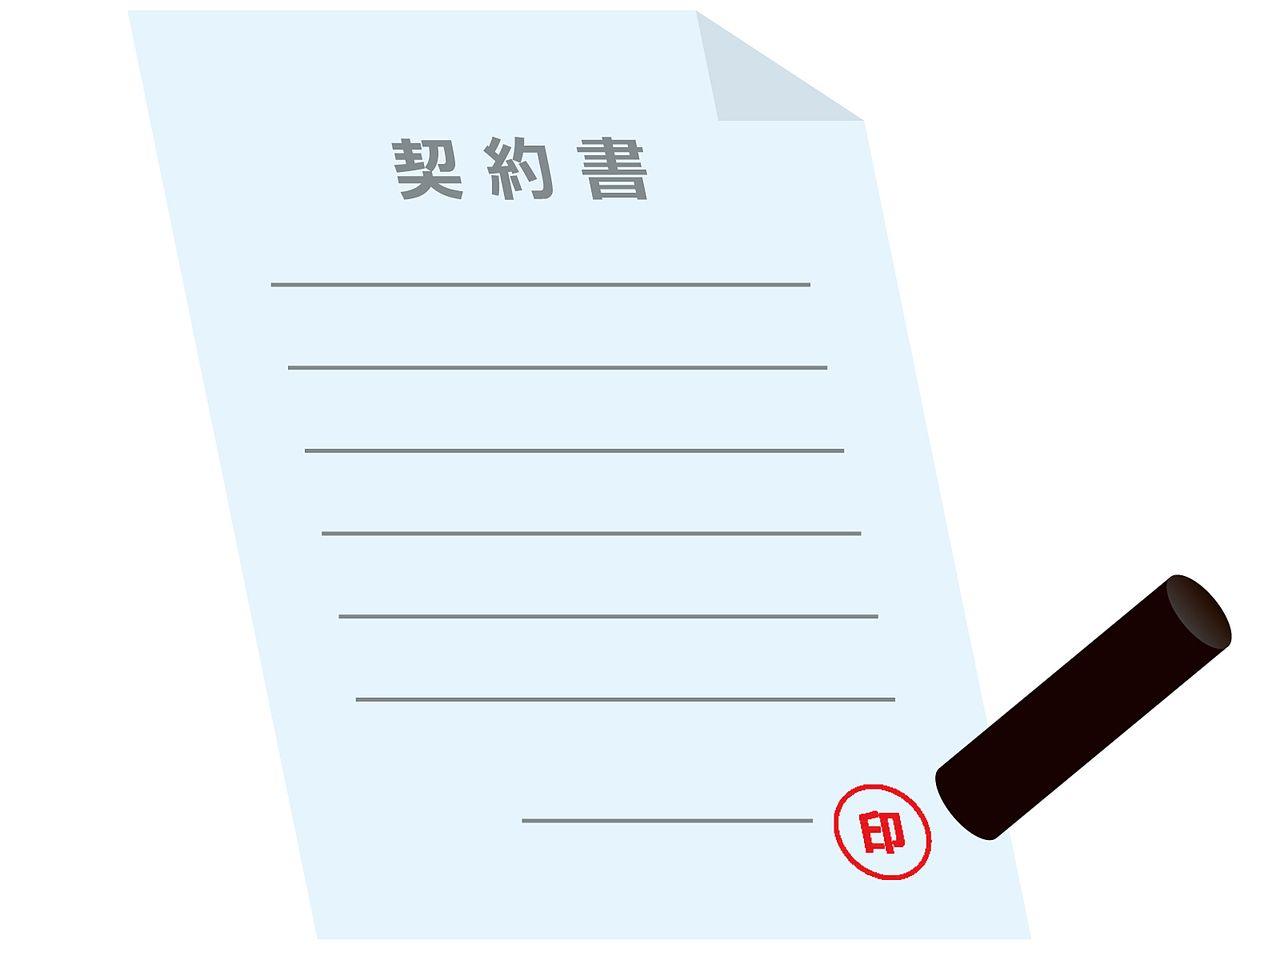 おもうしから契約までの流れをご説明します 国分寺市株式会社ホーセイ土地